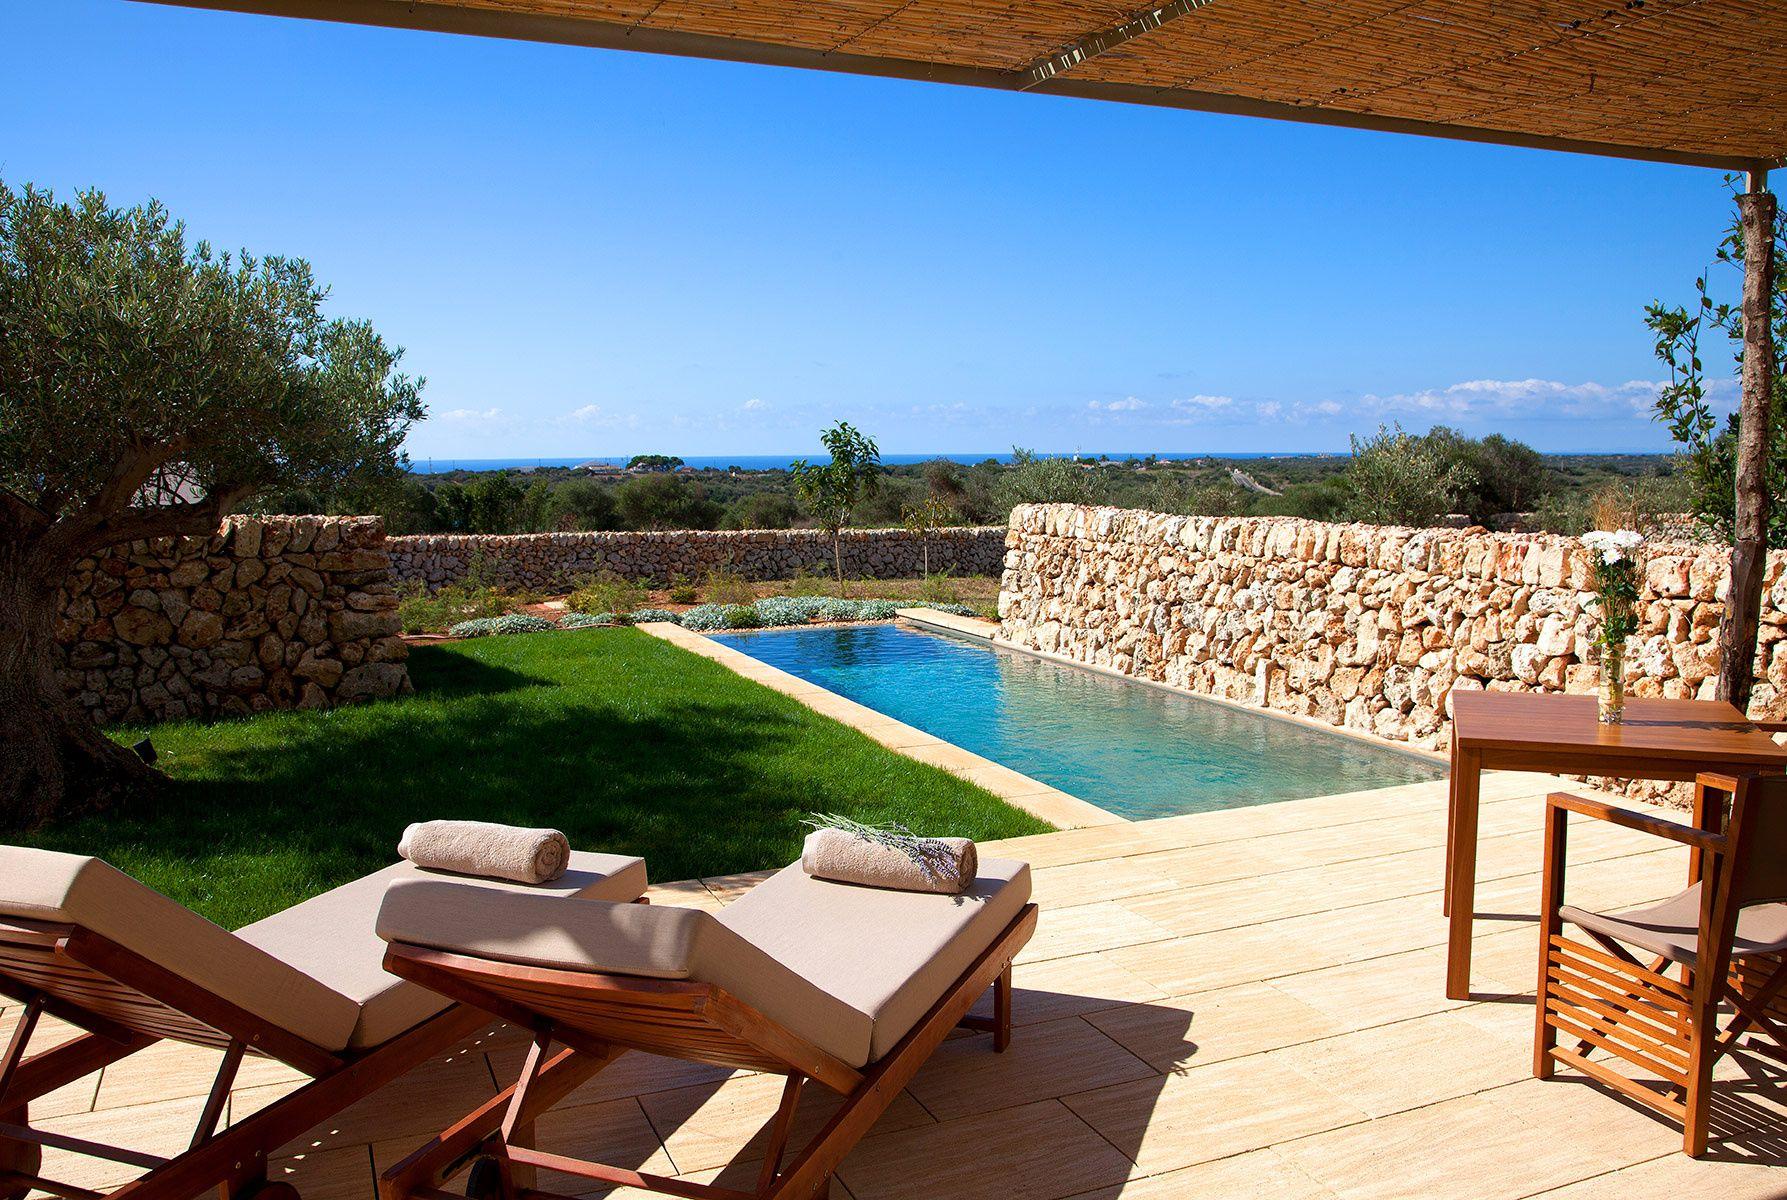 Torralbenc (Menorca) Piscinas modernas, Patio con